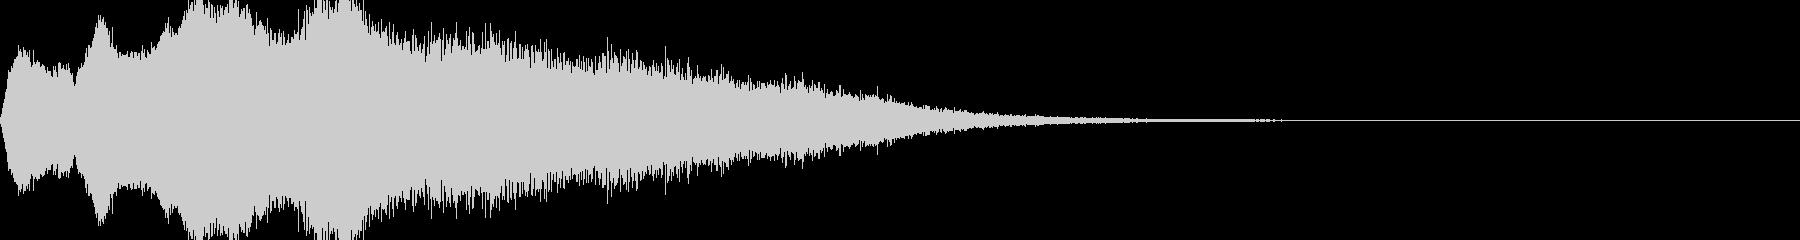 【ダーク・ホラー】アトモスフィア_08の未再生の波形